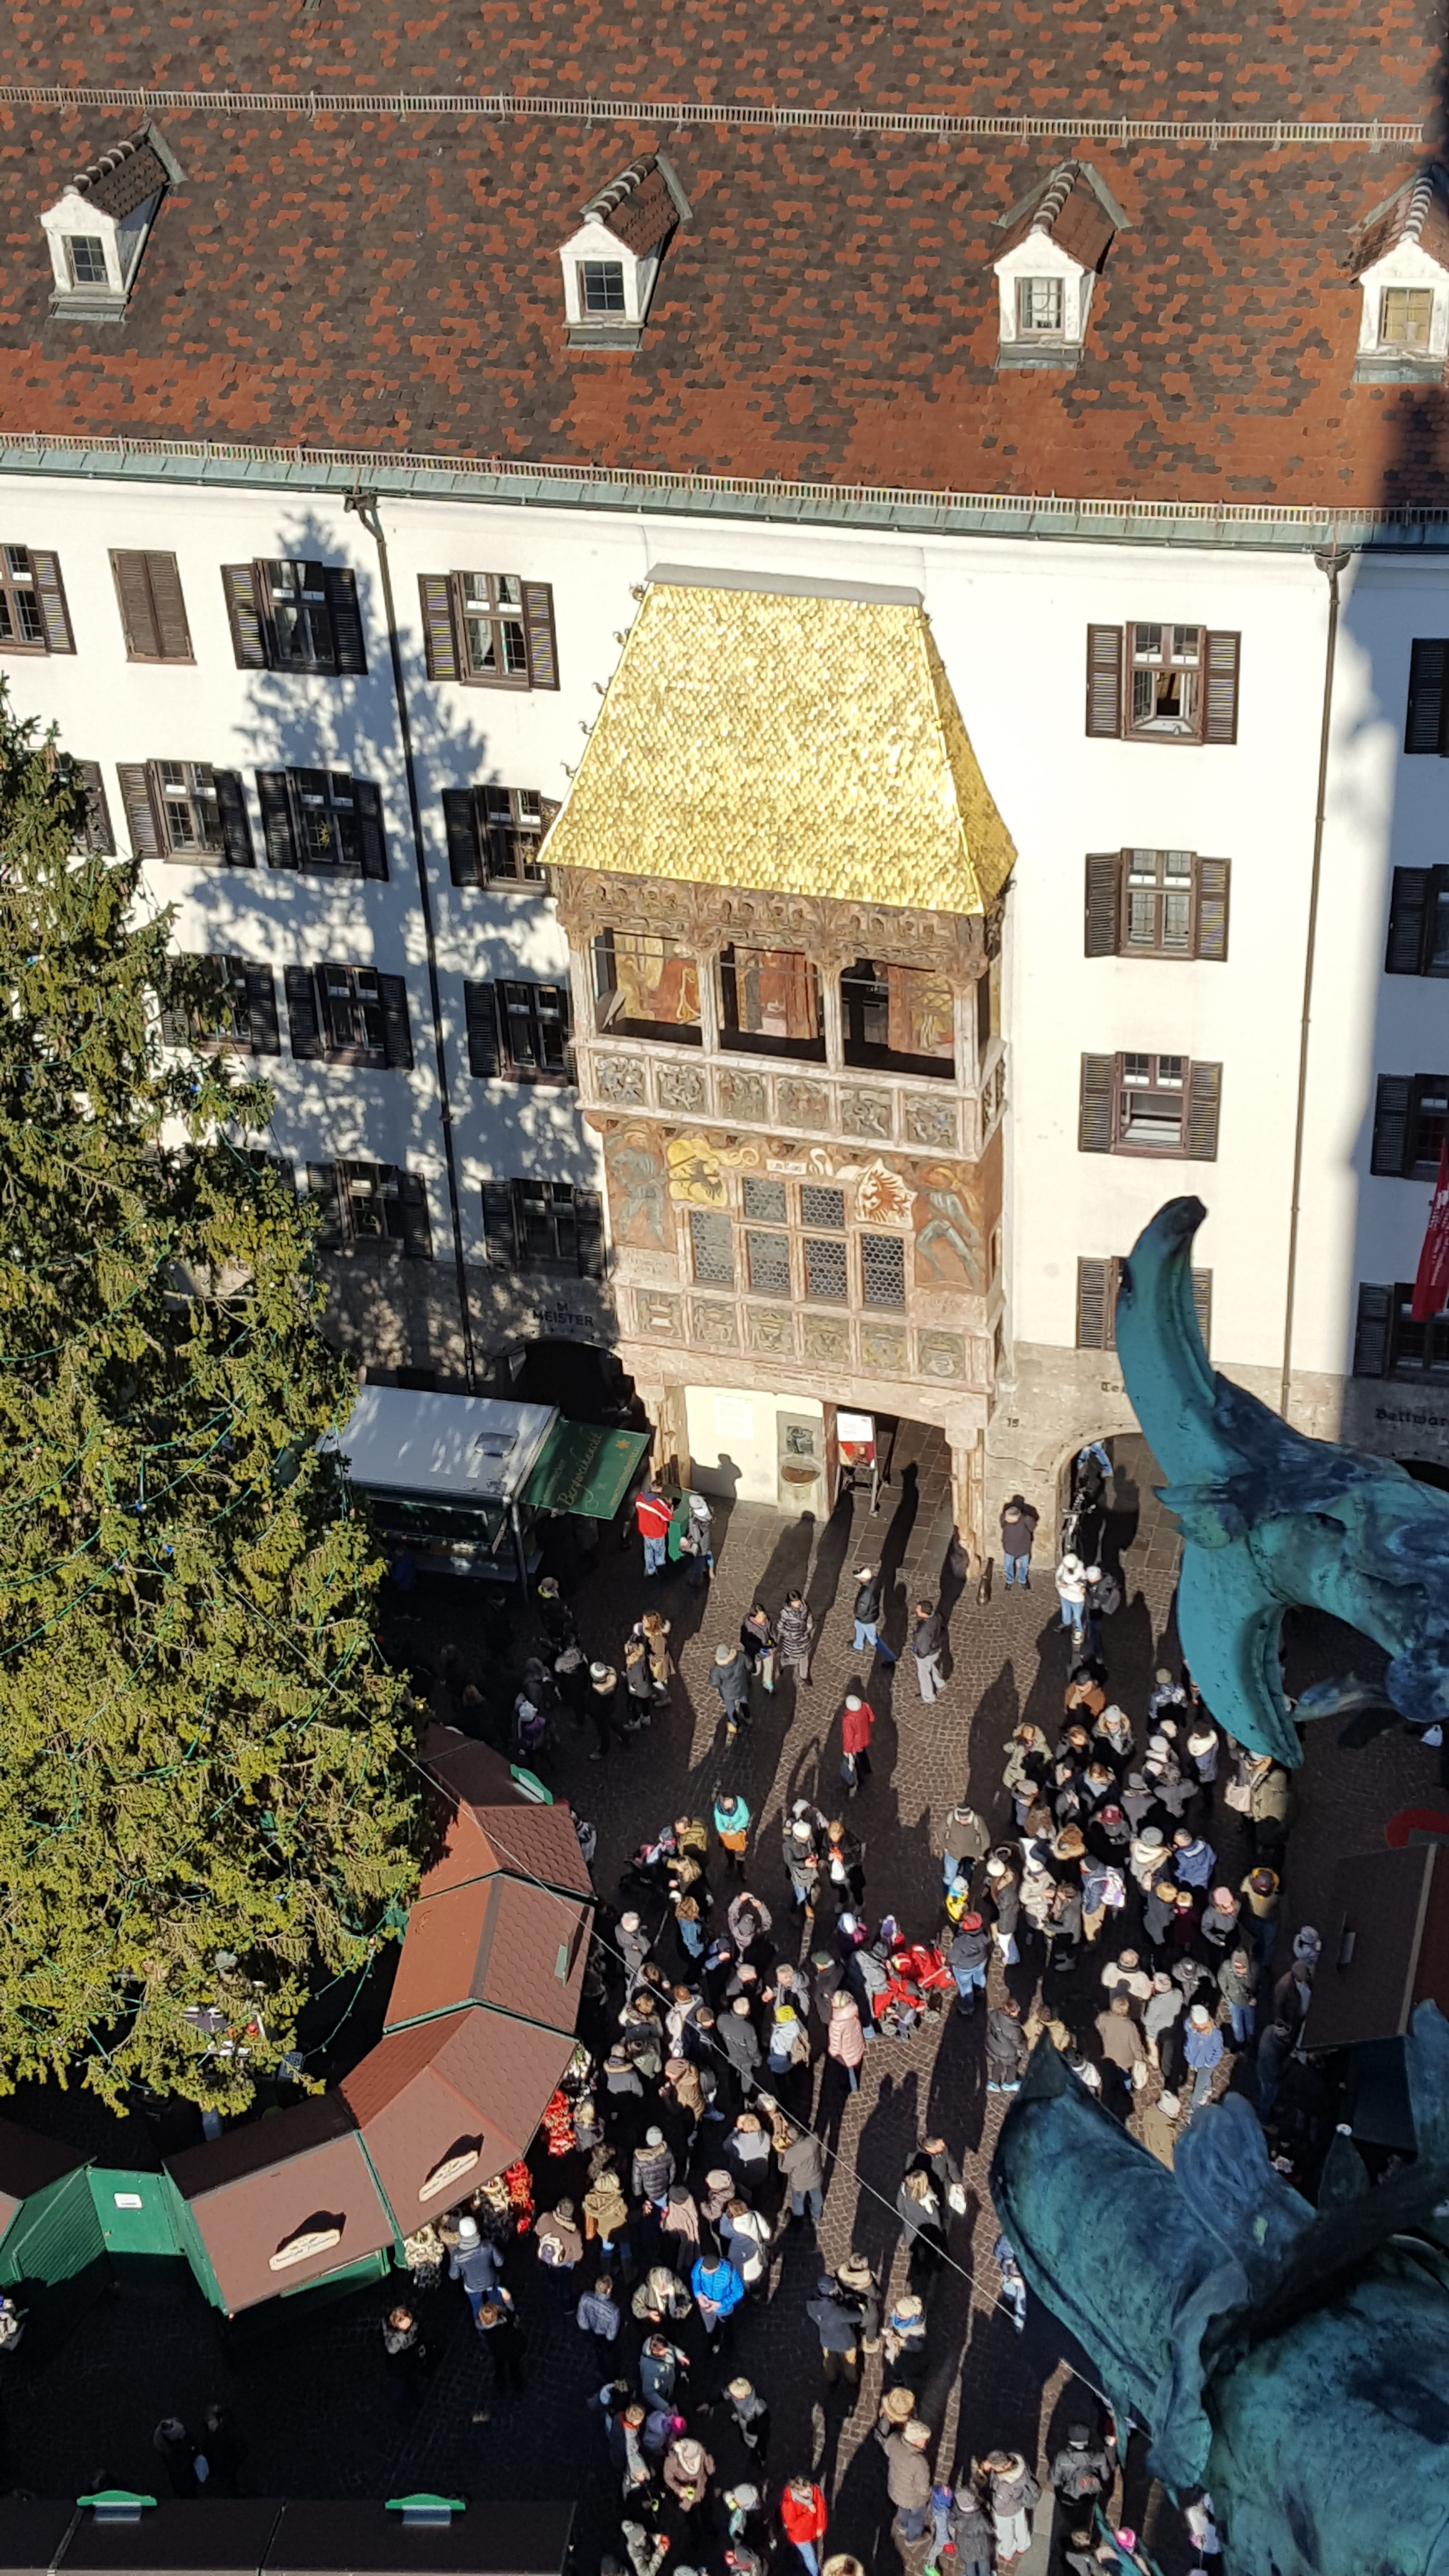 Innsbruck's Goldnes Dachl